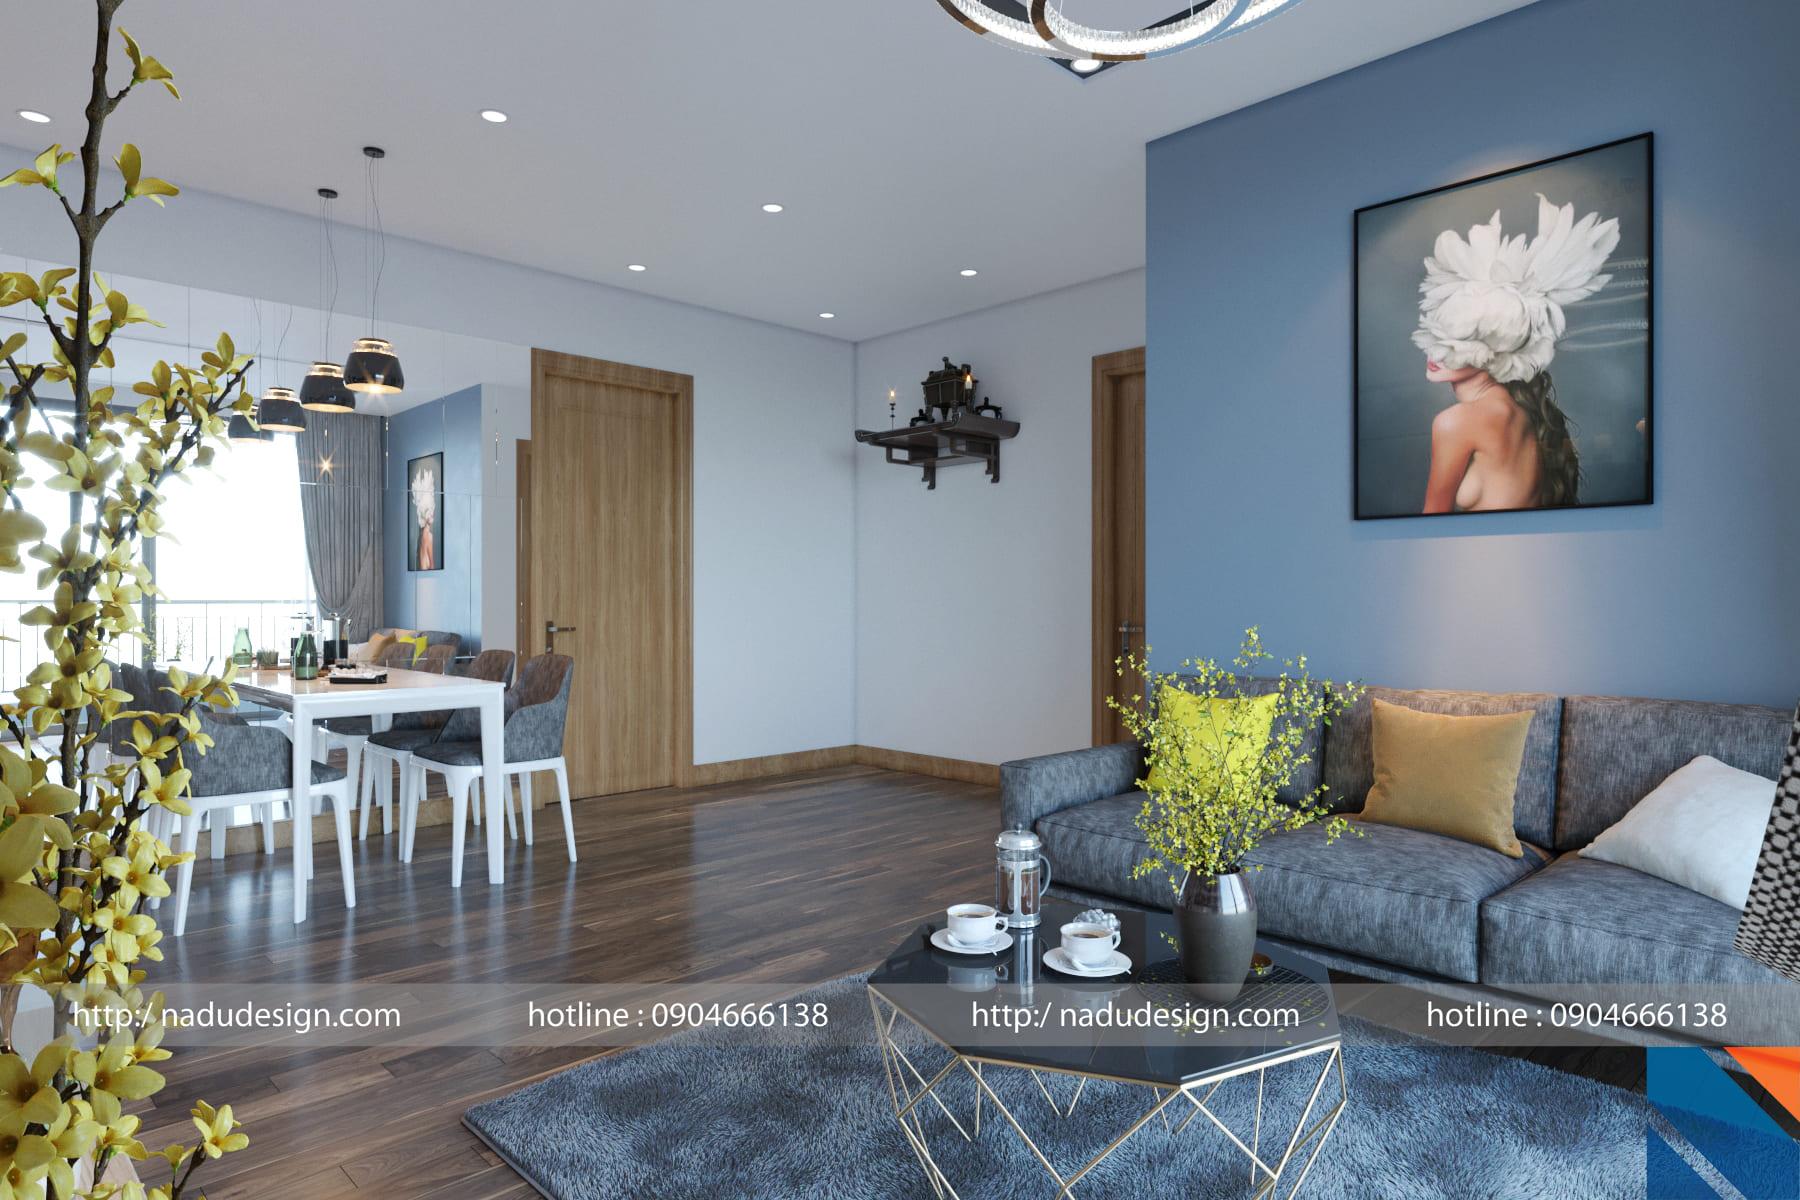 Thiết kế nội thất nhà ở hợp phong thủy nhà ở mẫu đặc biệt